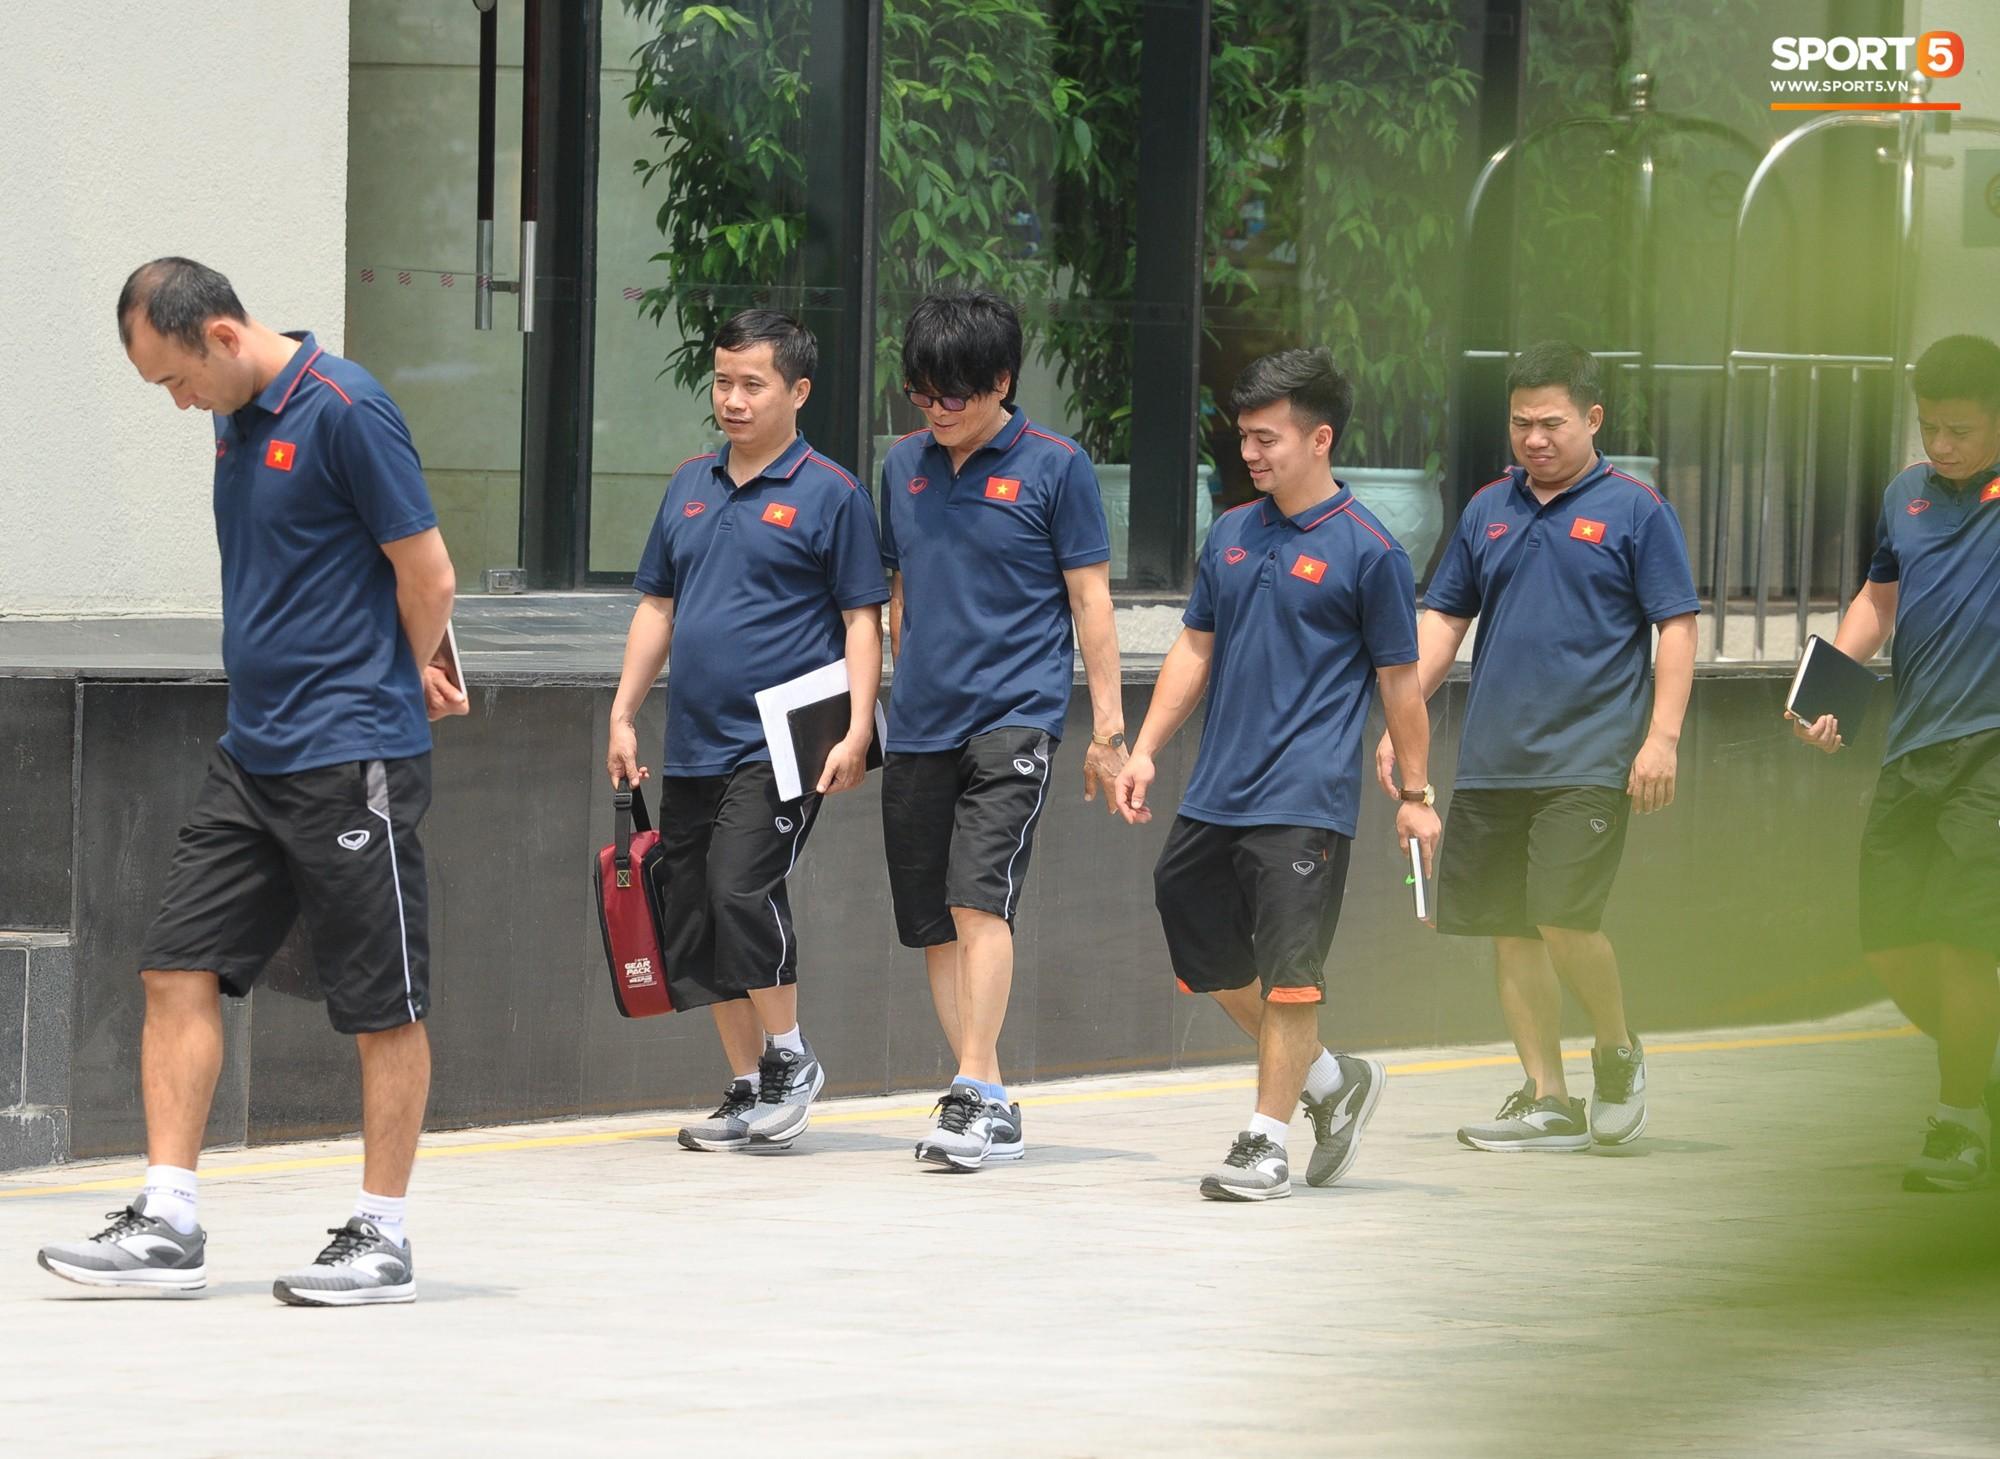 Quang Hải, Đình Trọng nhăn nhó khi đi bộ thể dục lúc 12h trưa-8